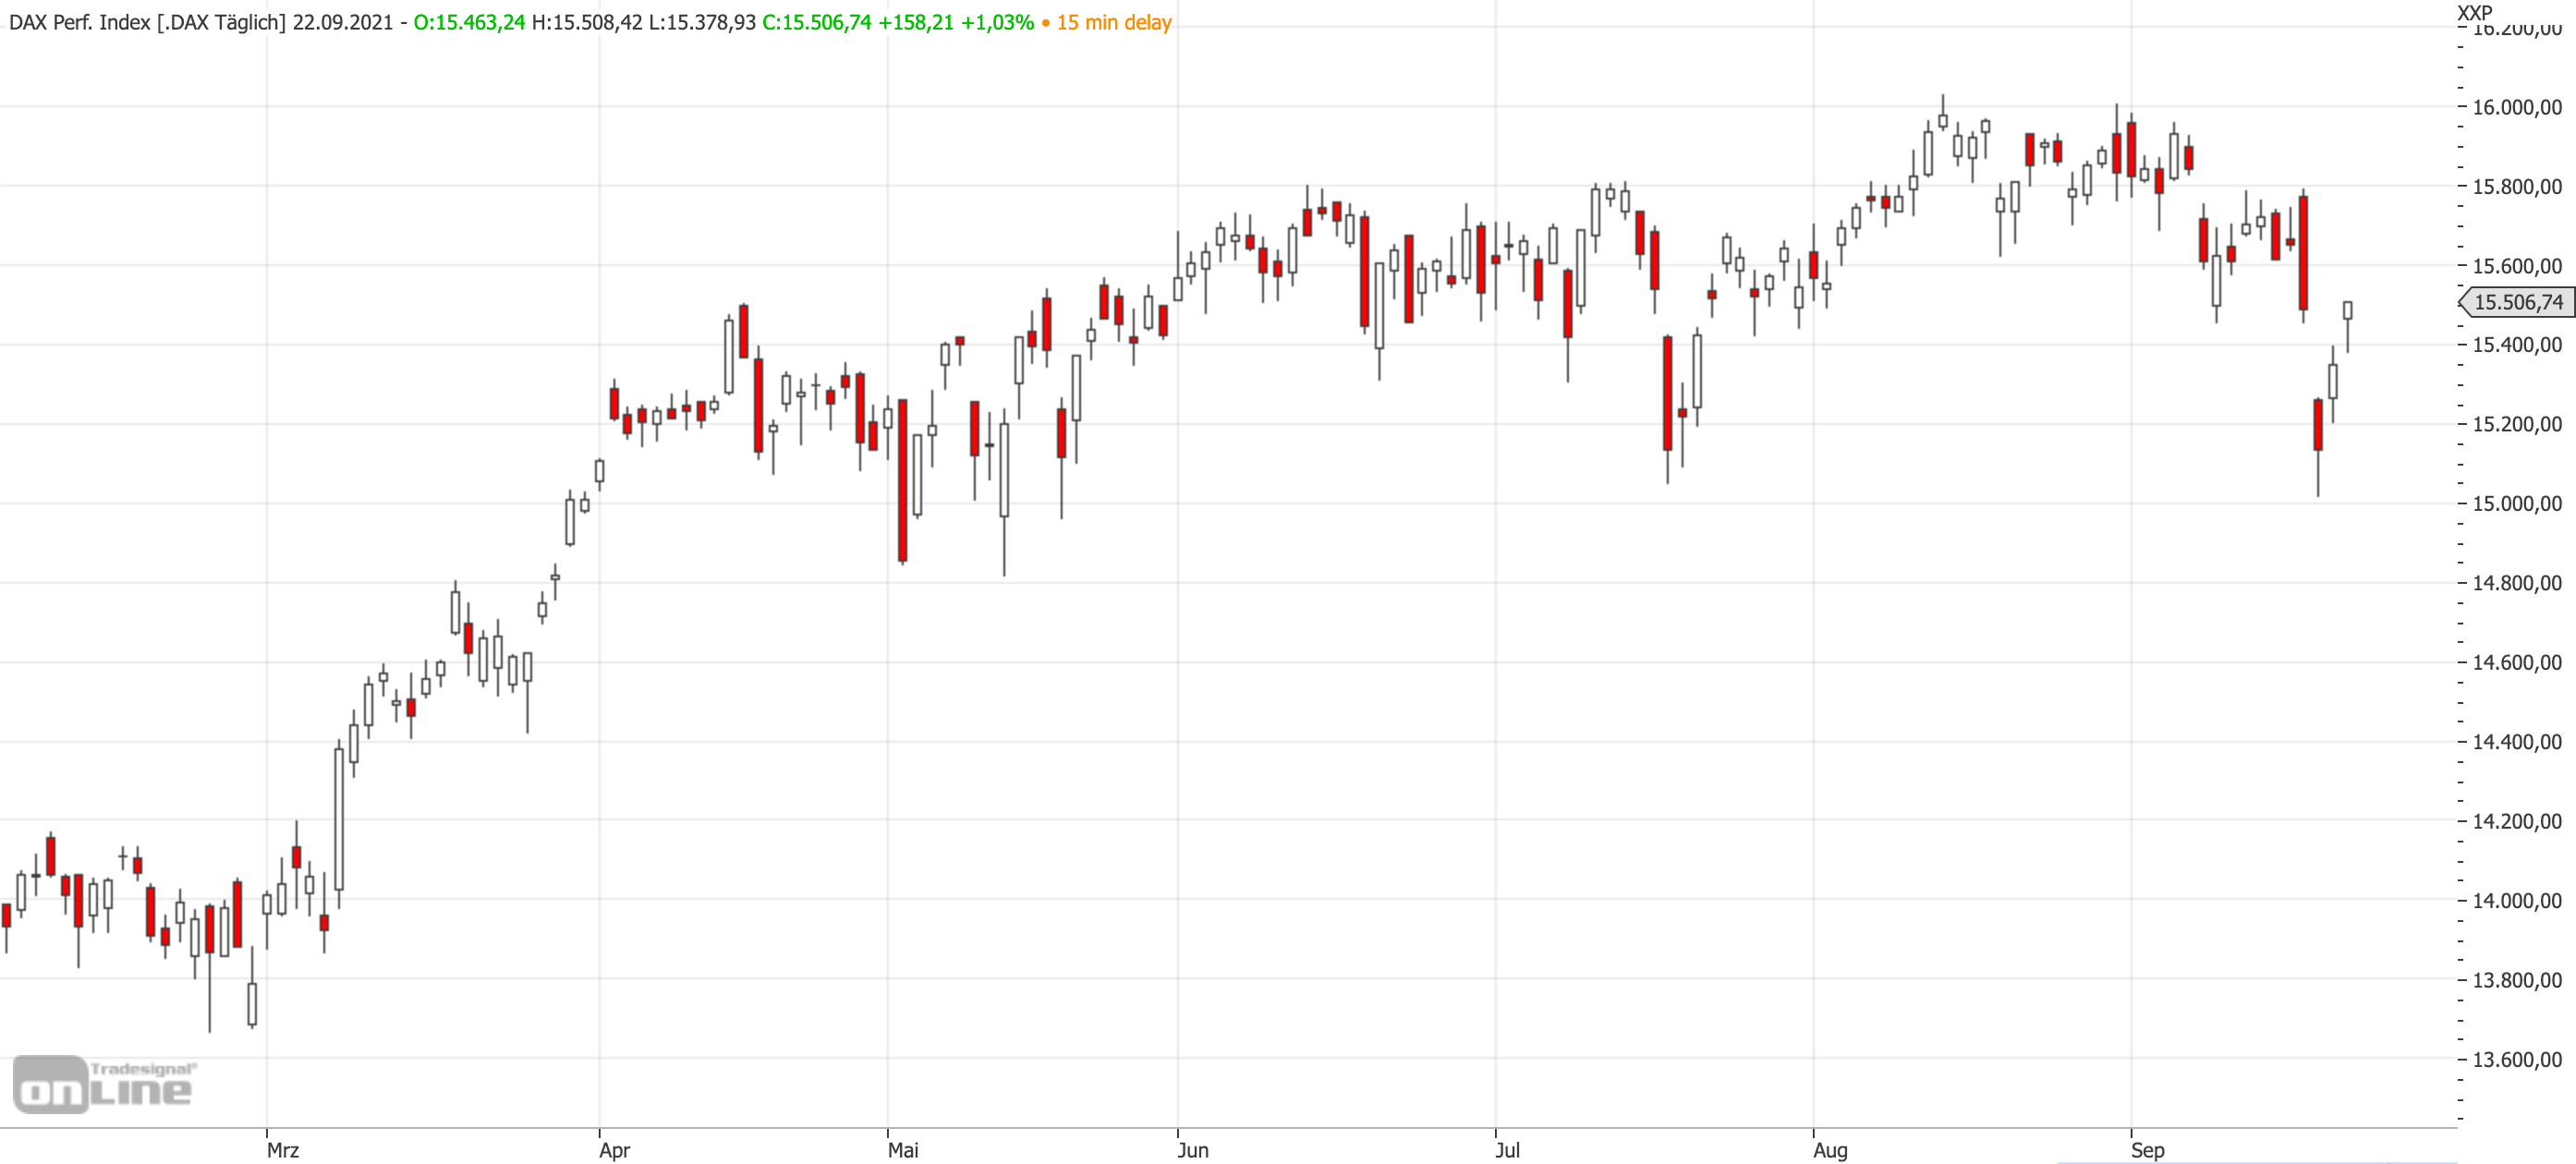 Mittelfristiger DAX-Chart bis zum 22.09.2021